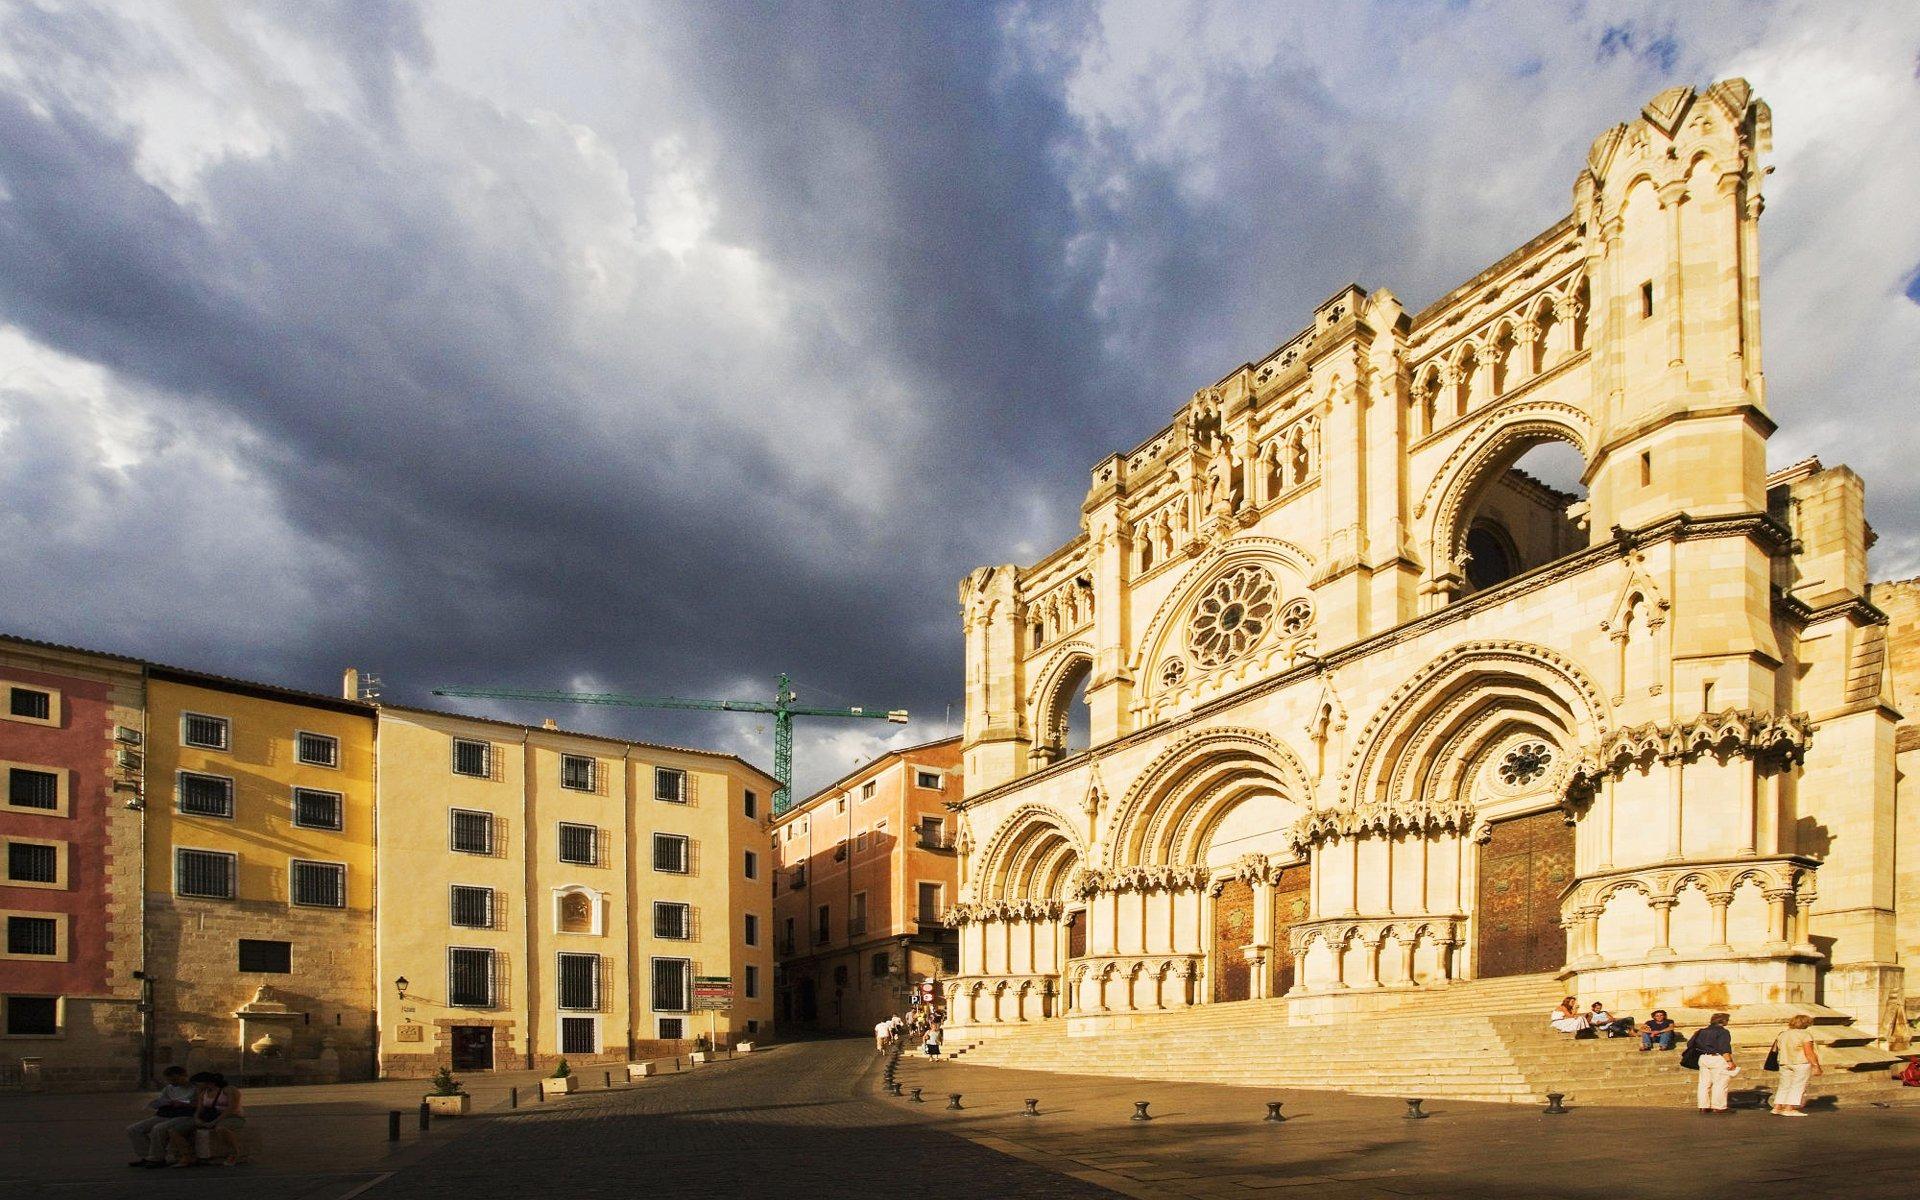 スペイン クエンカ大聖堂の壁紙プレビュー 10wallpaper Com